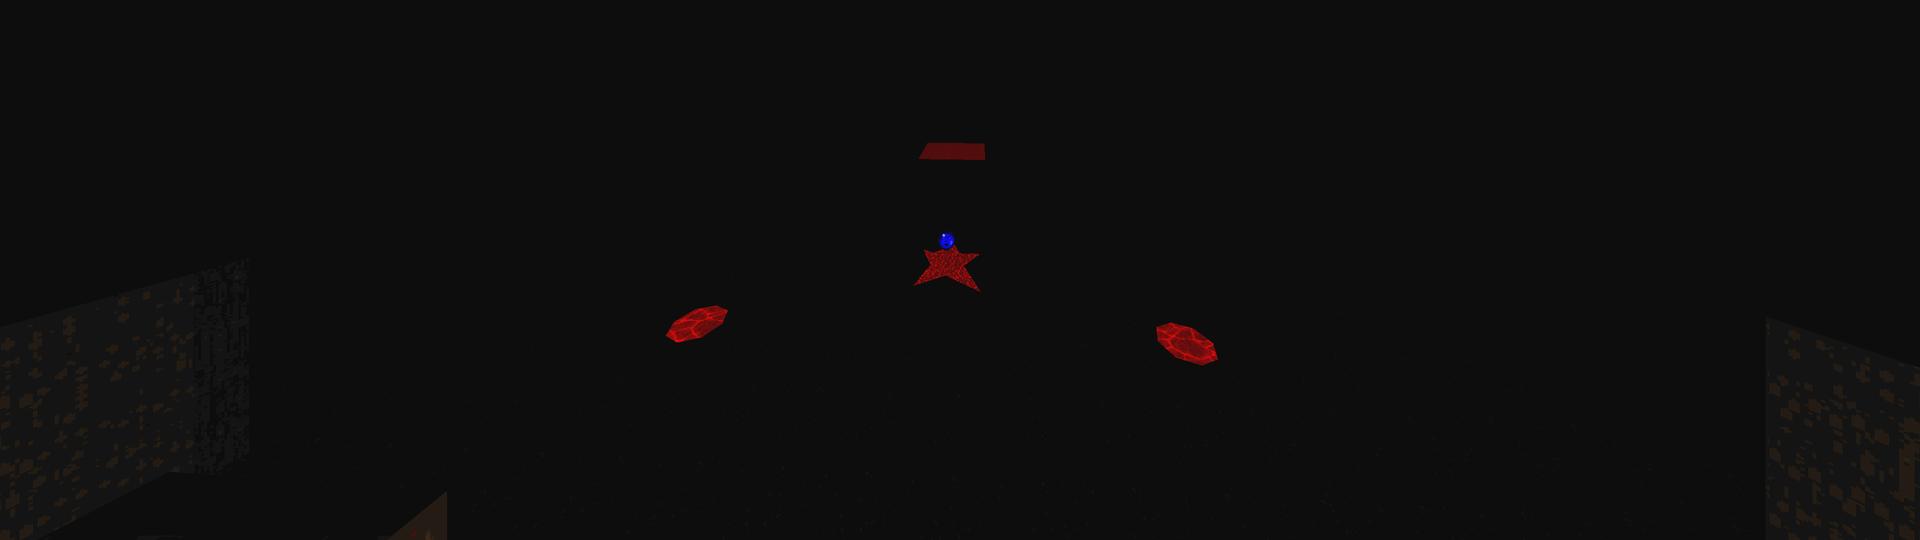 Screenshot_Doom_20210303_192813.png.2fc47e02a255e44c346c94c1ee365986.png